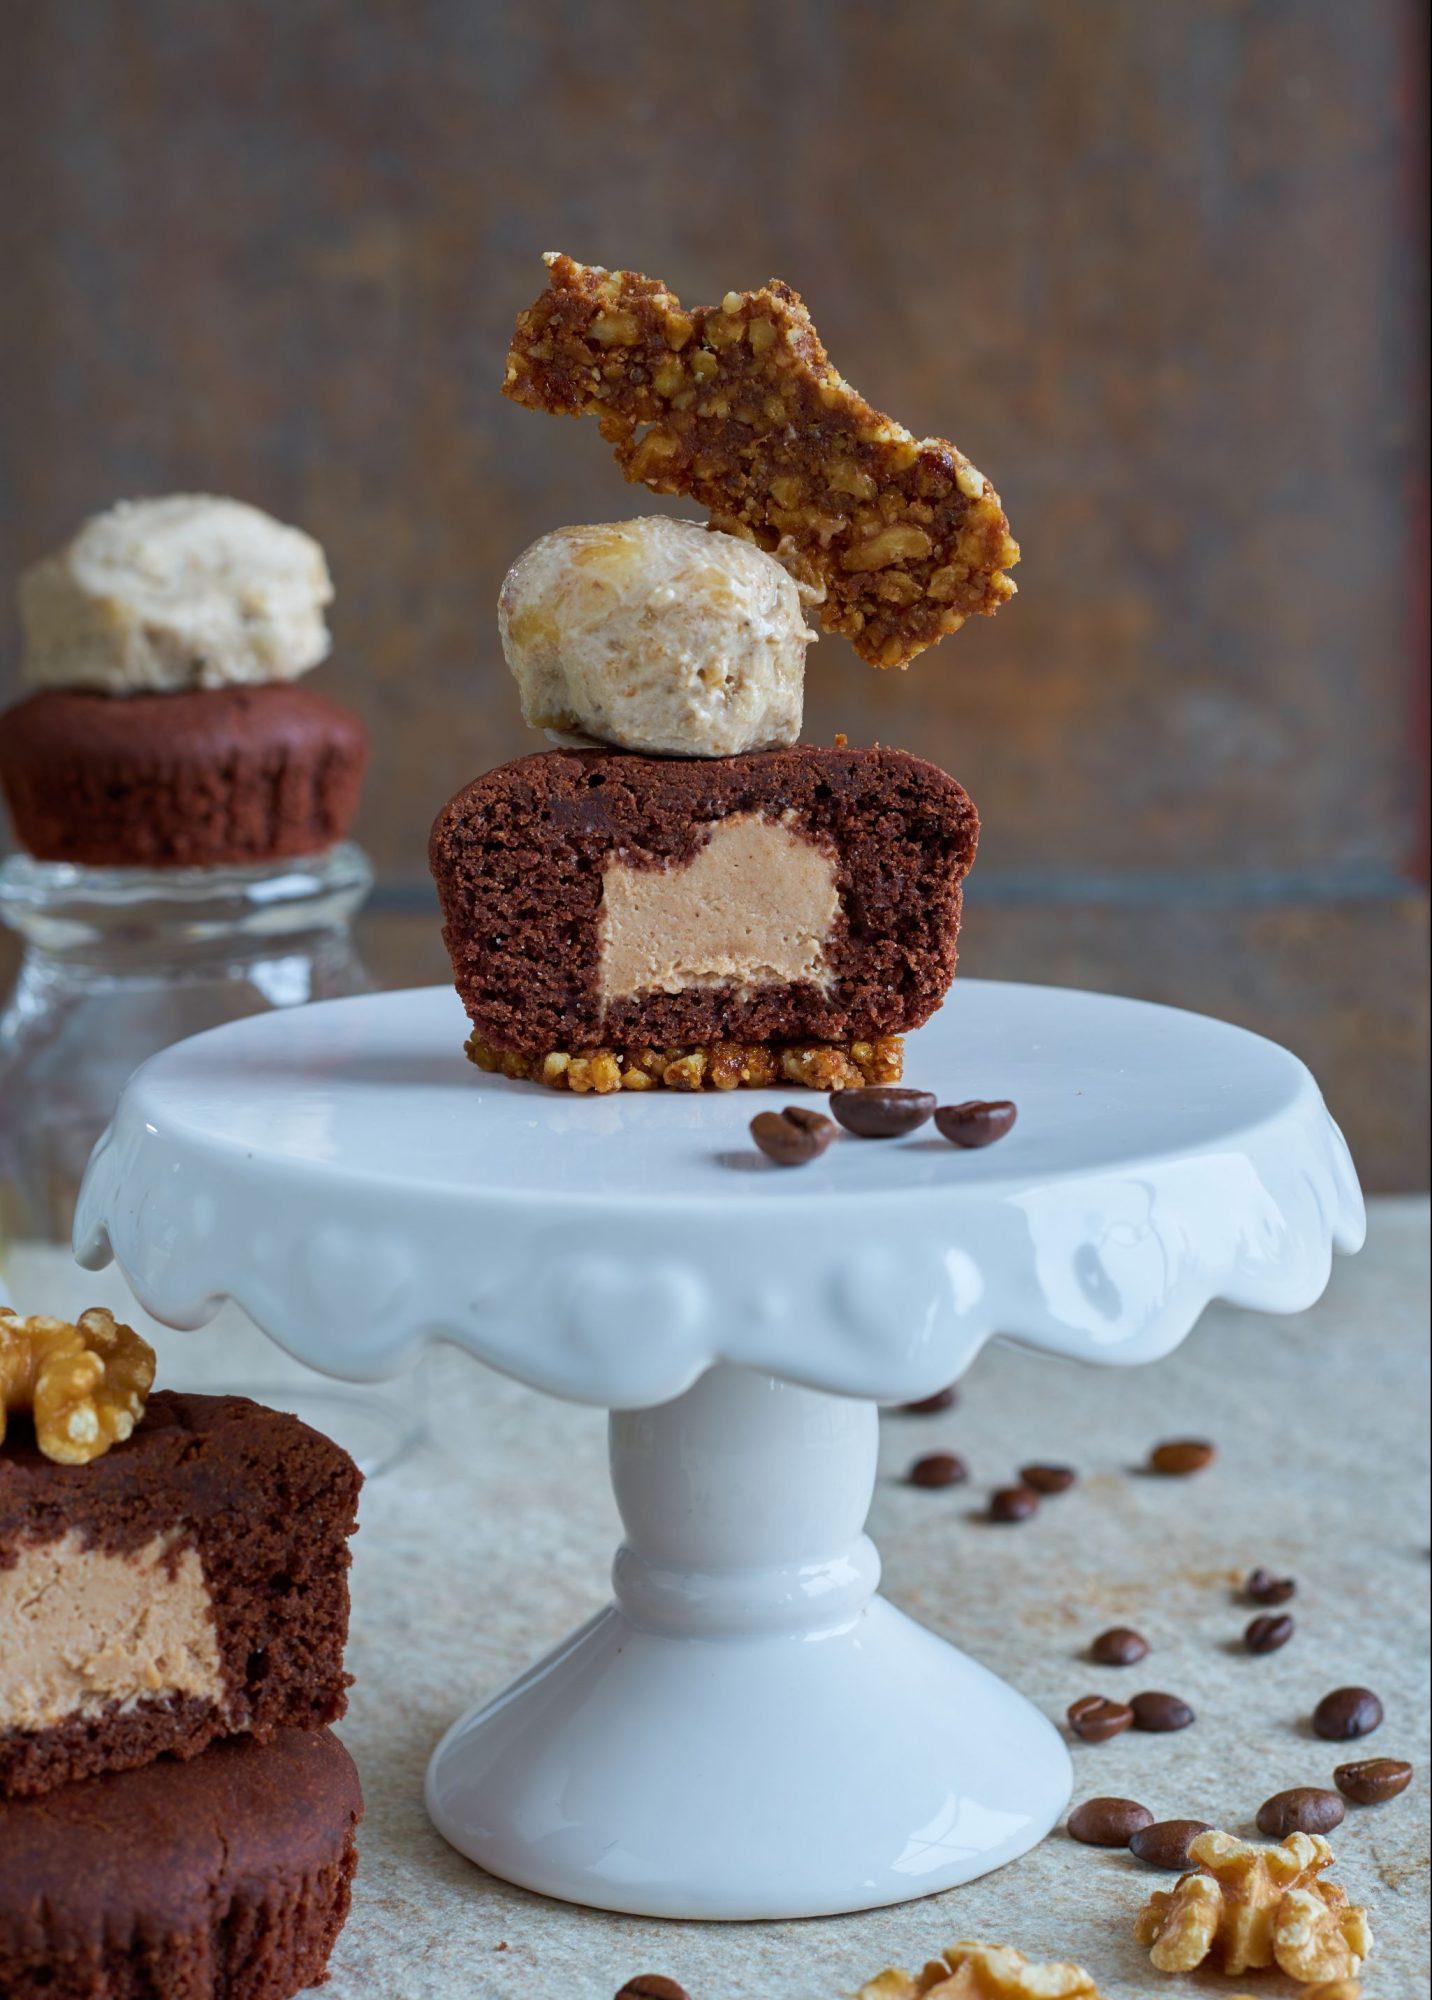 Mokka-Walnuss-Muffin mit fruchtiger Rum-Karamell Füllung getoppt mit Nutty-Eis und Walnusskrokant